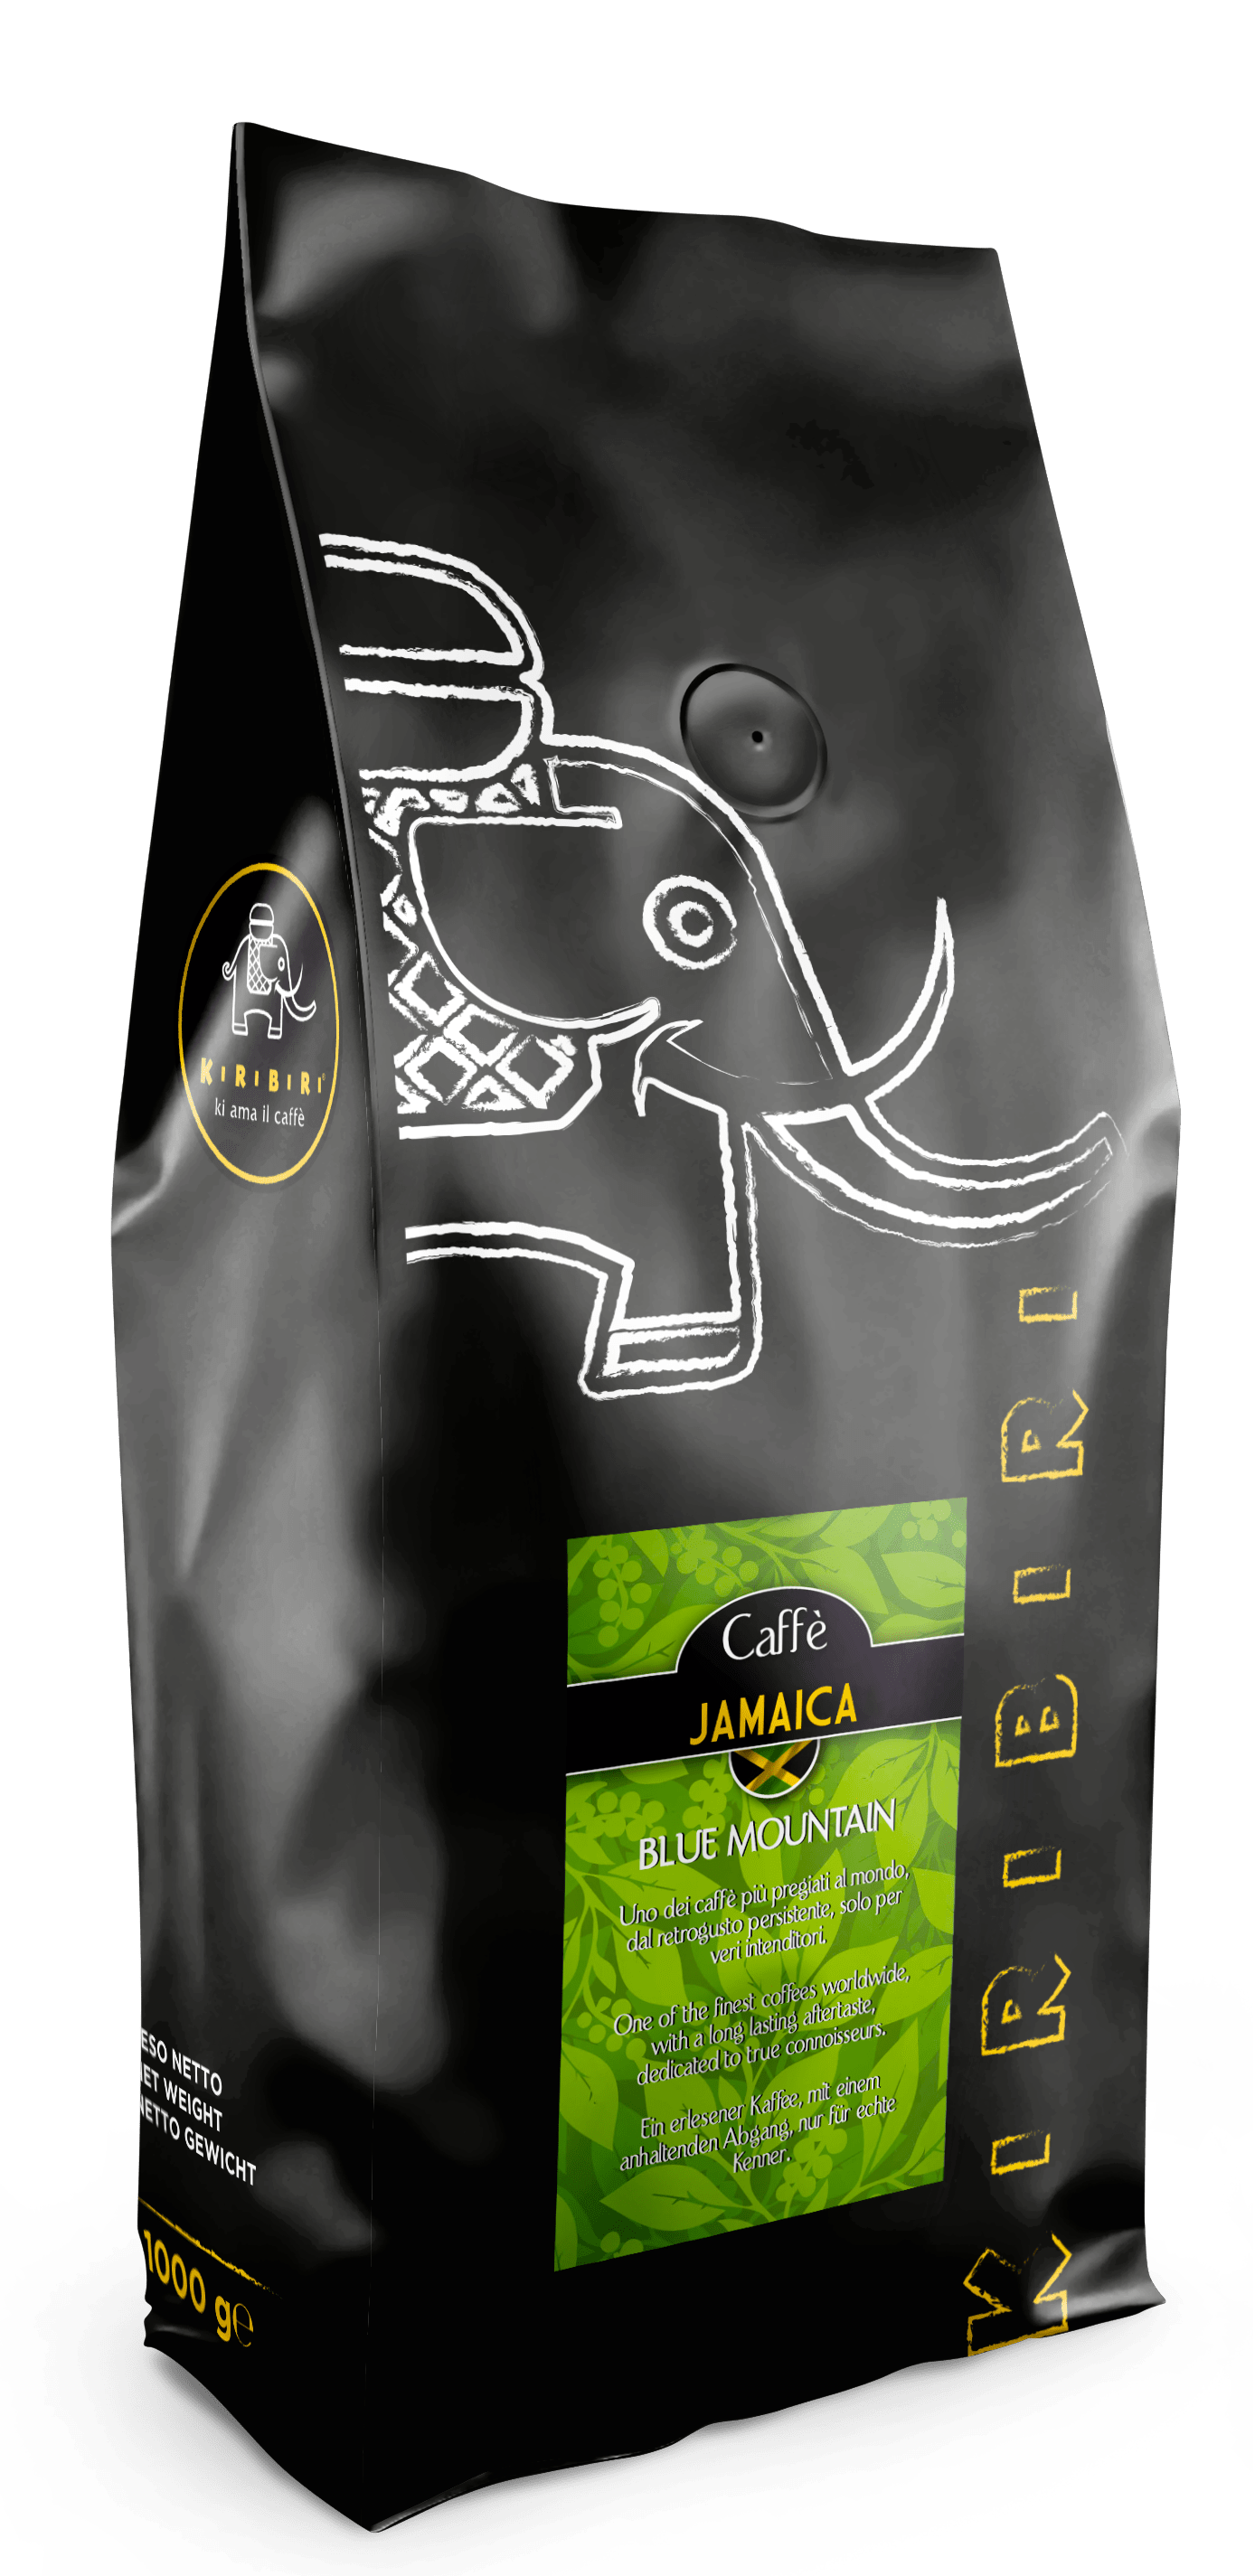 Kiribiri Jamaica Coffee Beans